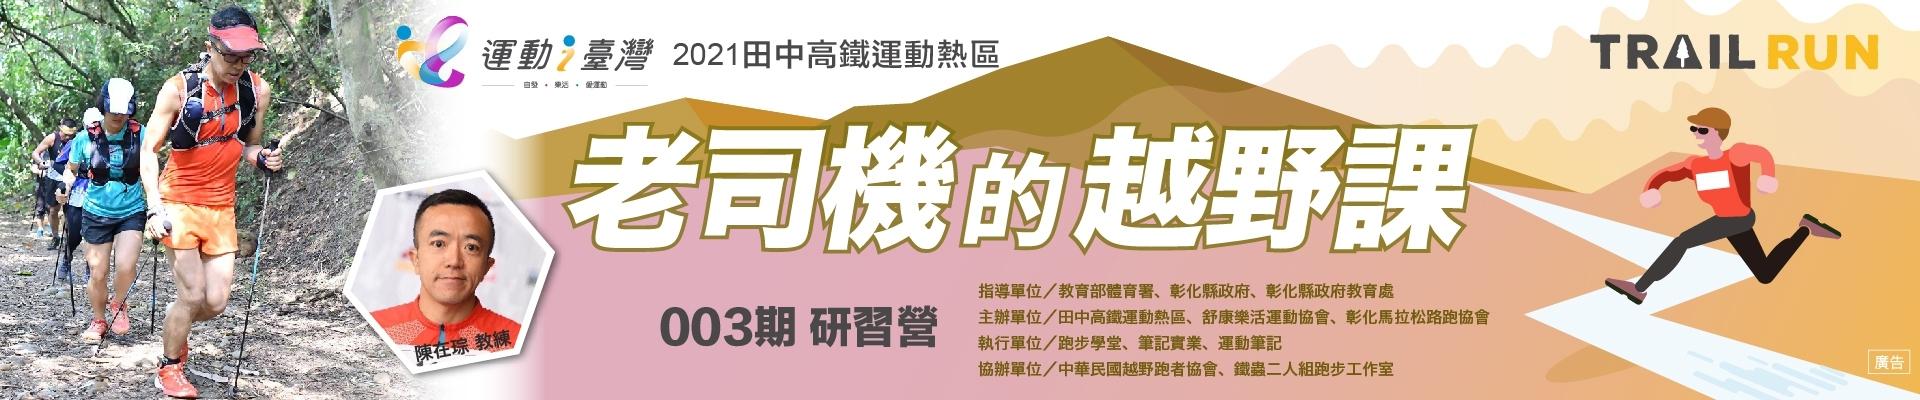 運動i台灣 2021 田中高鐵運動熱區 老司機的越野課 003 期-主視覺